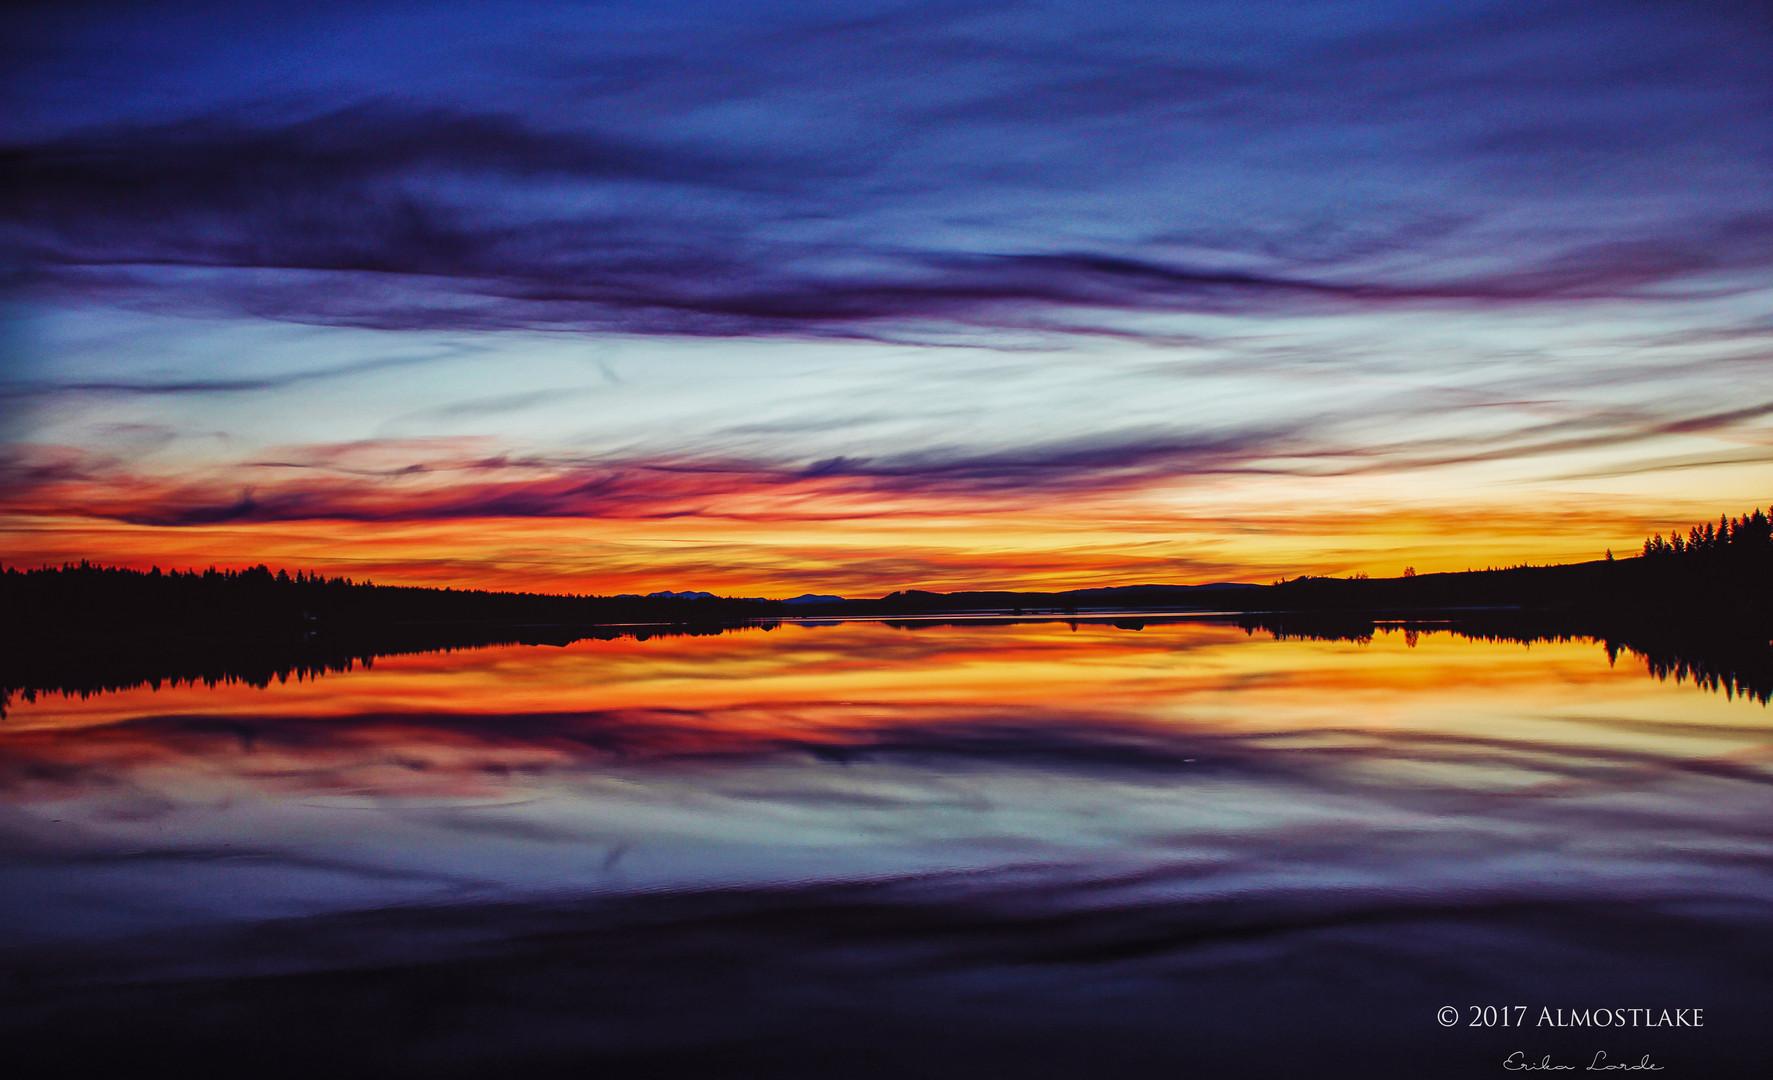 Strålande solnedgång-2 sign.jpg